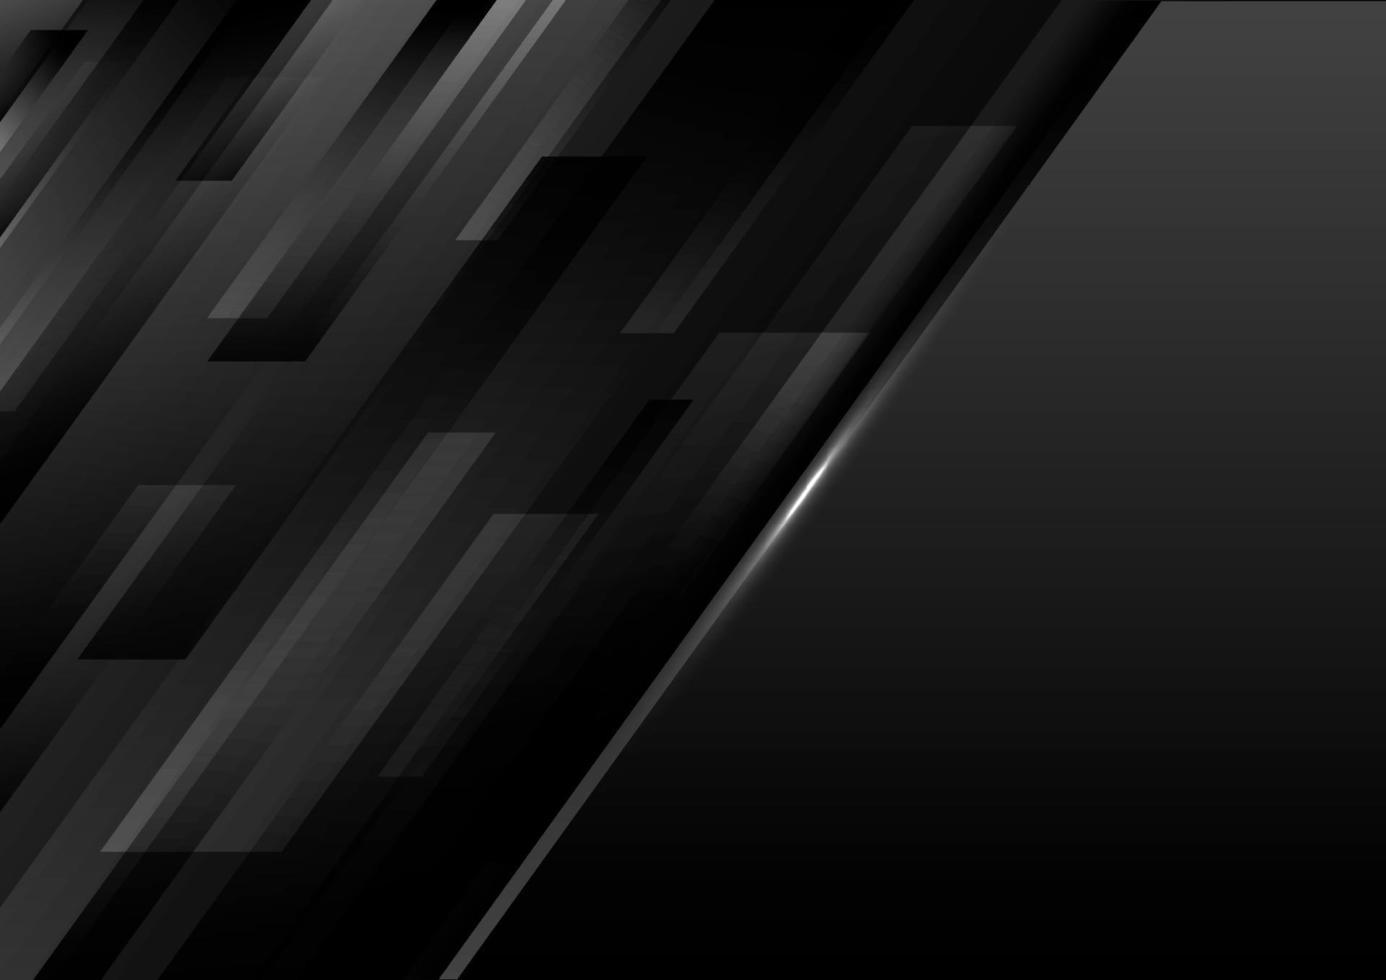 abstrakt modern mall svarta geometriska diagonala ränder på mörk bakgrund vektor